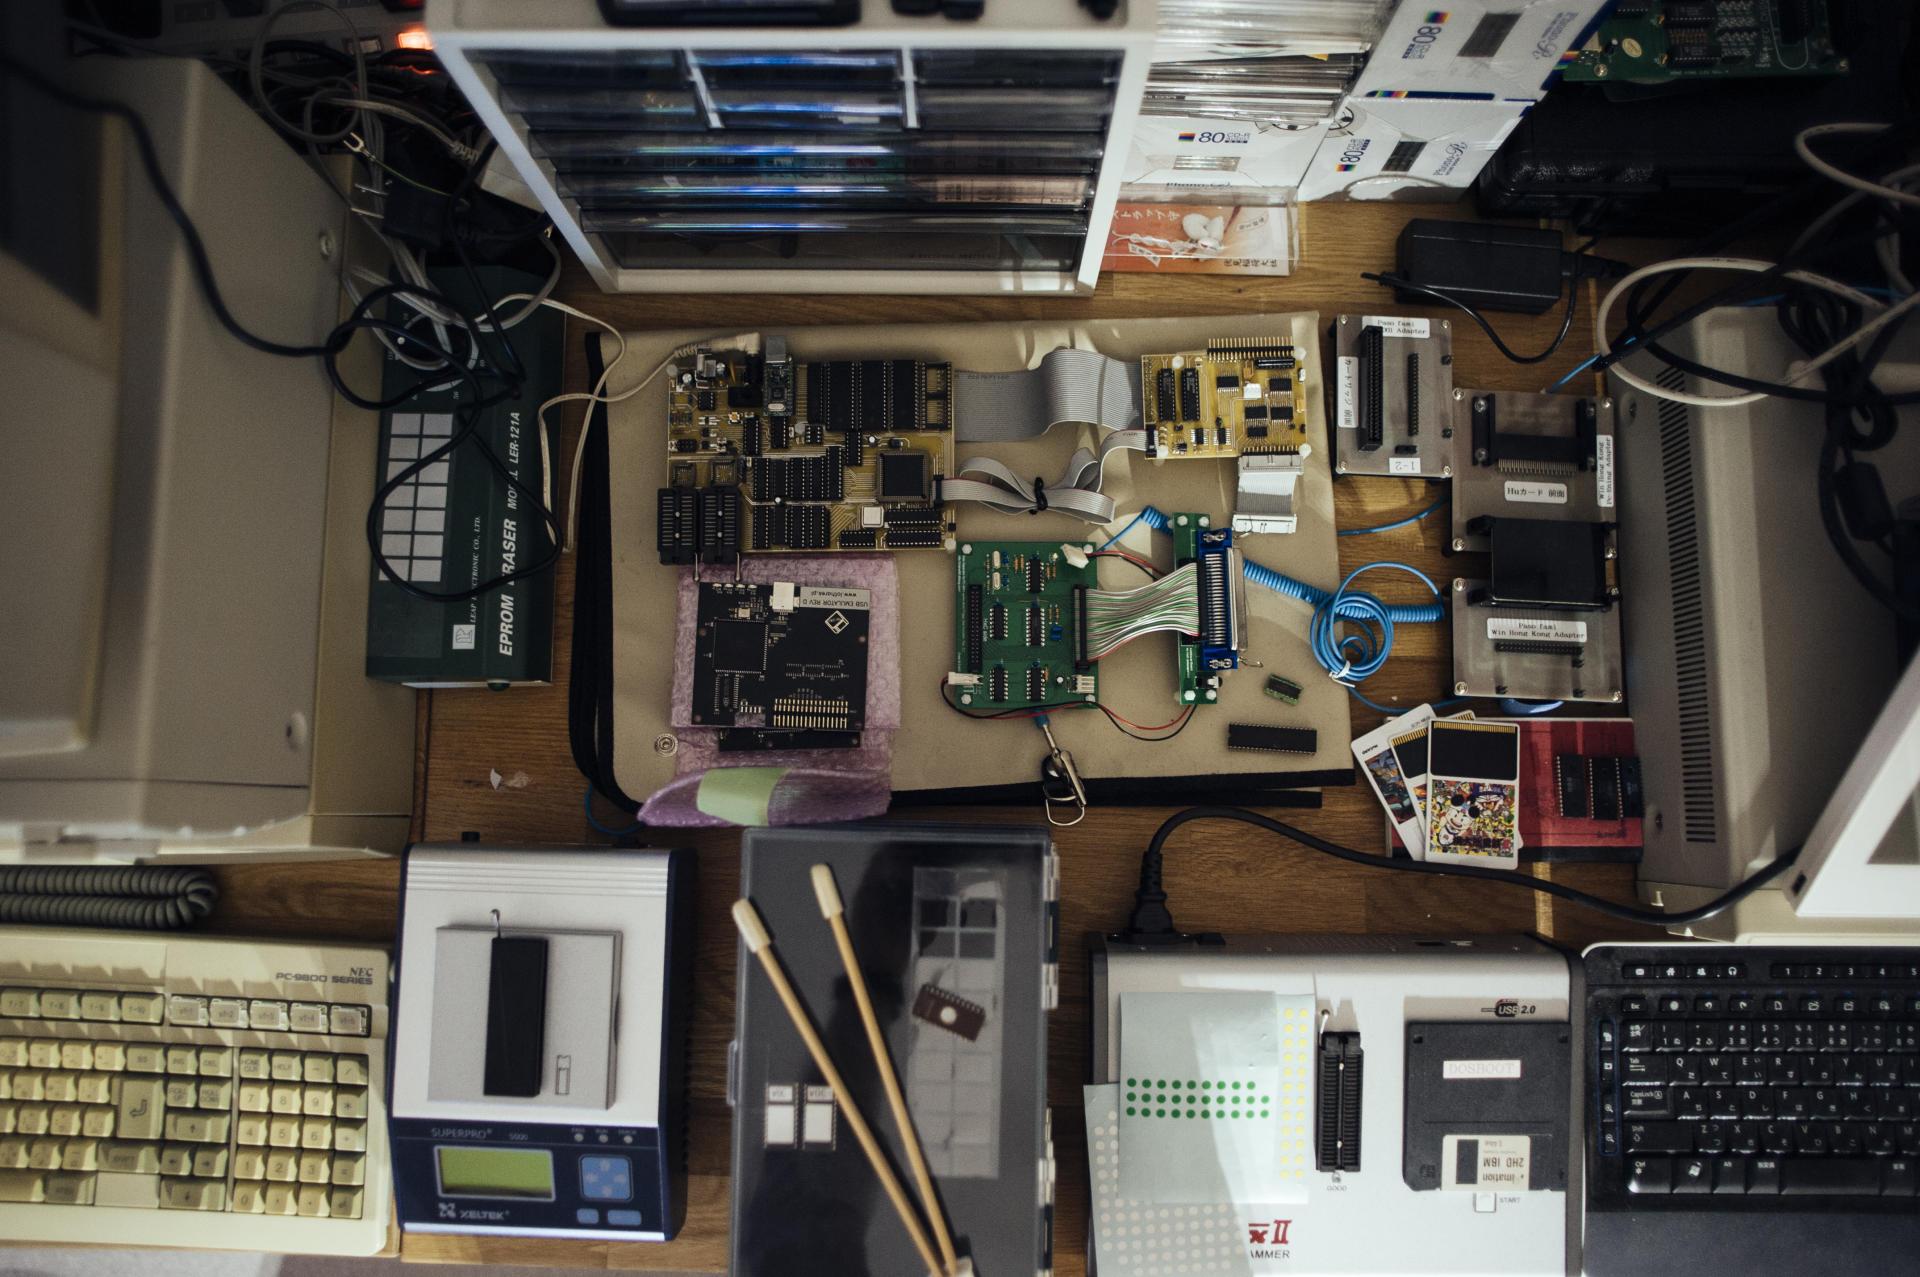 L'atelier de la Game Preservation Society réunit des techniciens, mais aussi des passionnés qui sont prêts à apprendre.